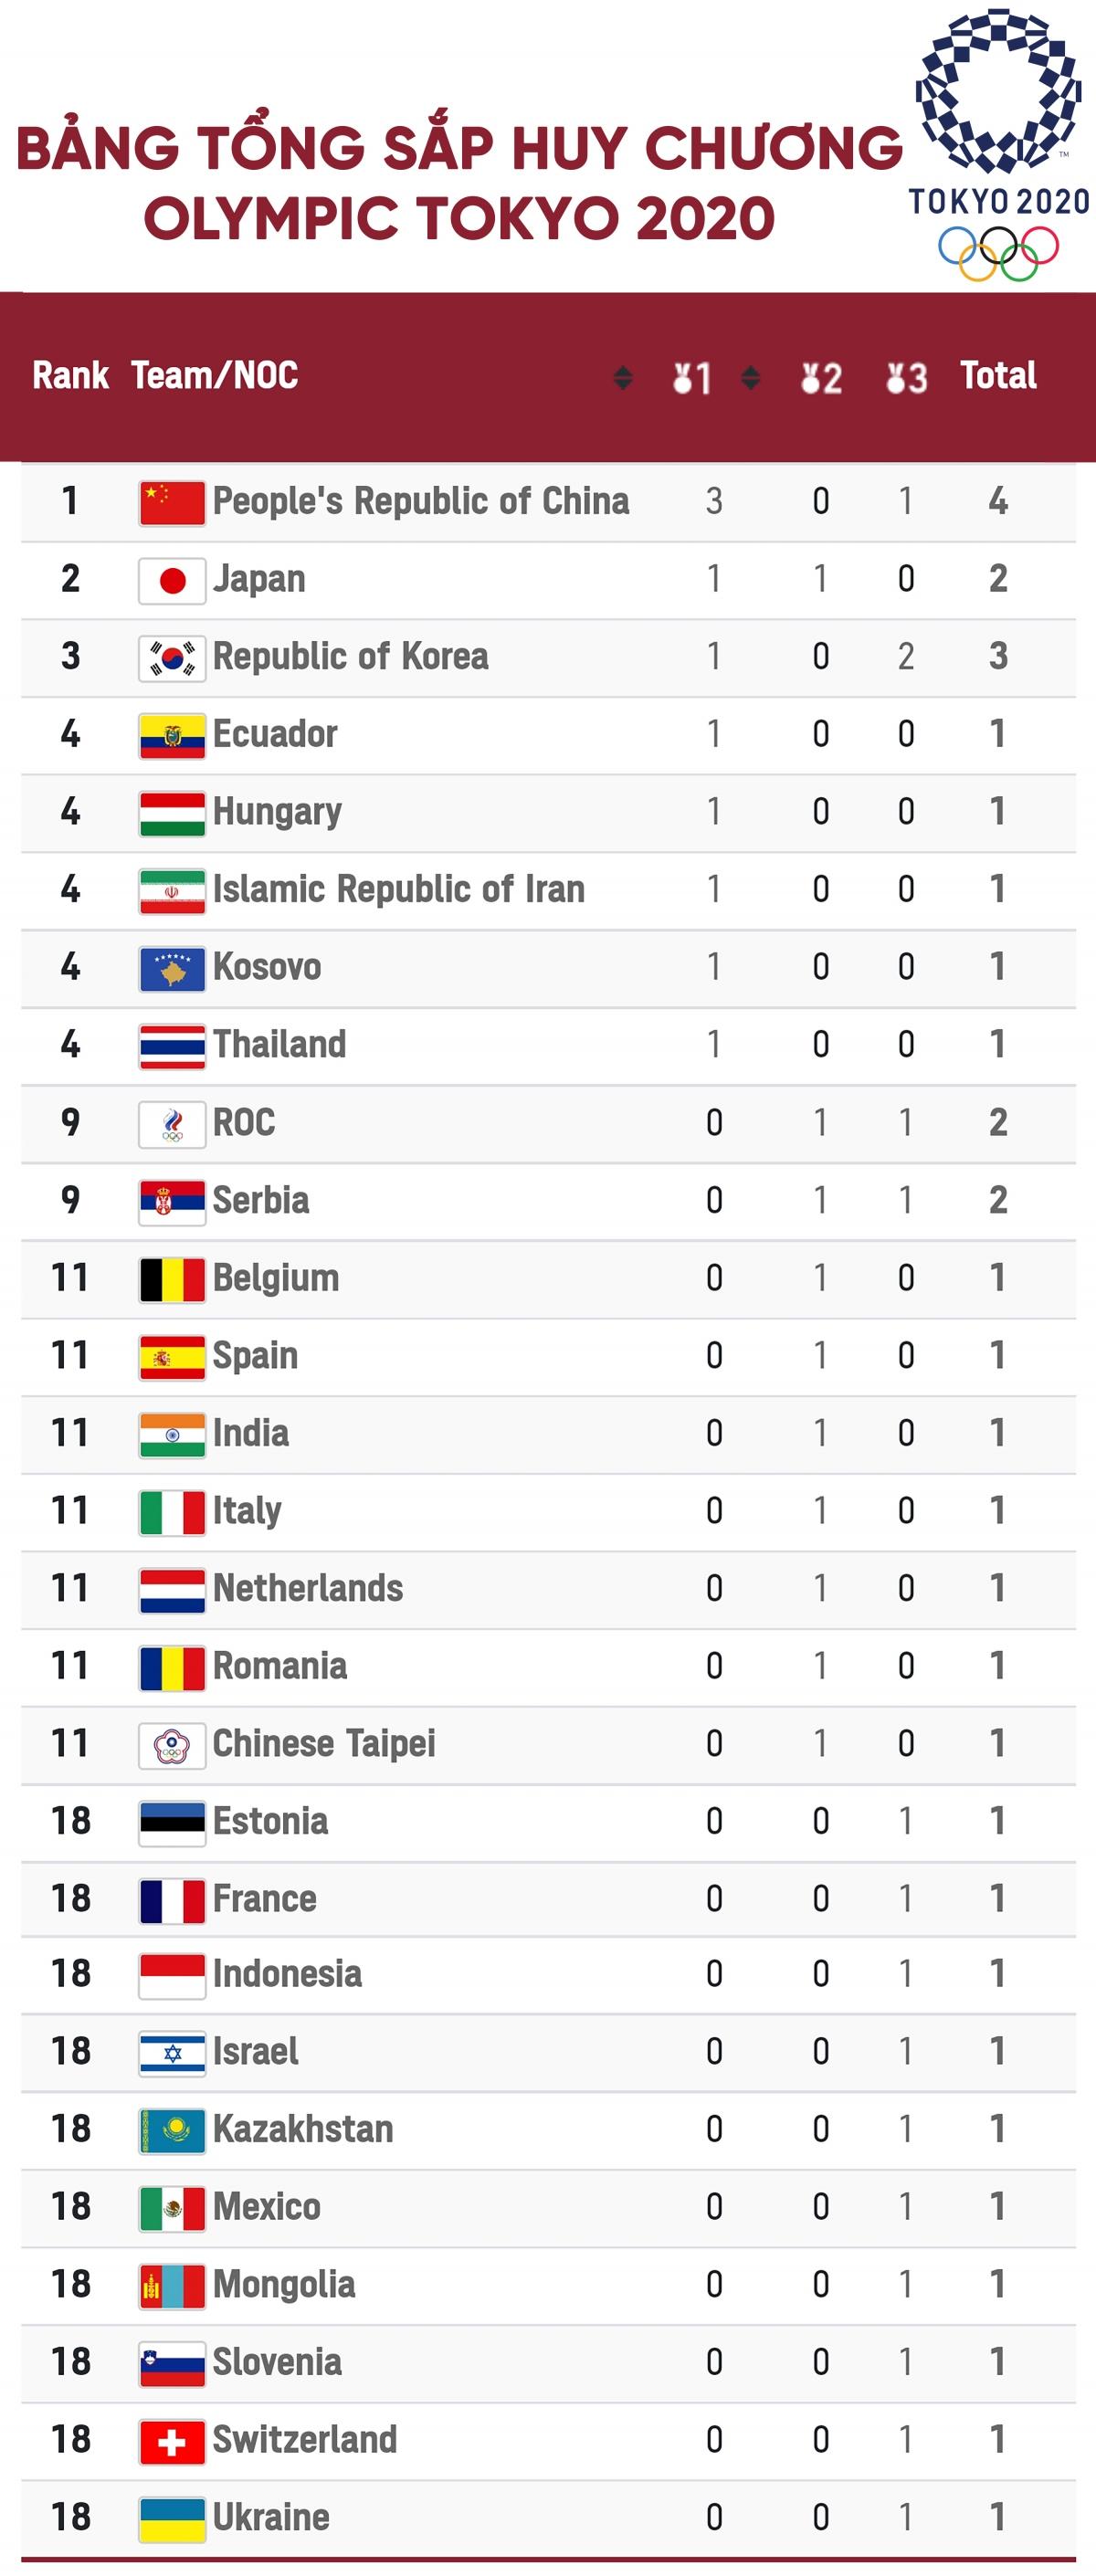 Trung Quốc tạm dẫn đầu bảng tổng sắp huy chương./.